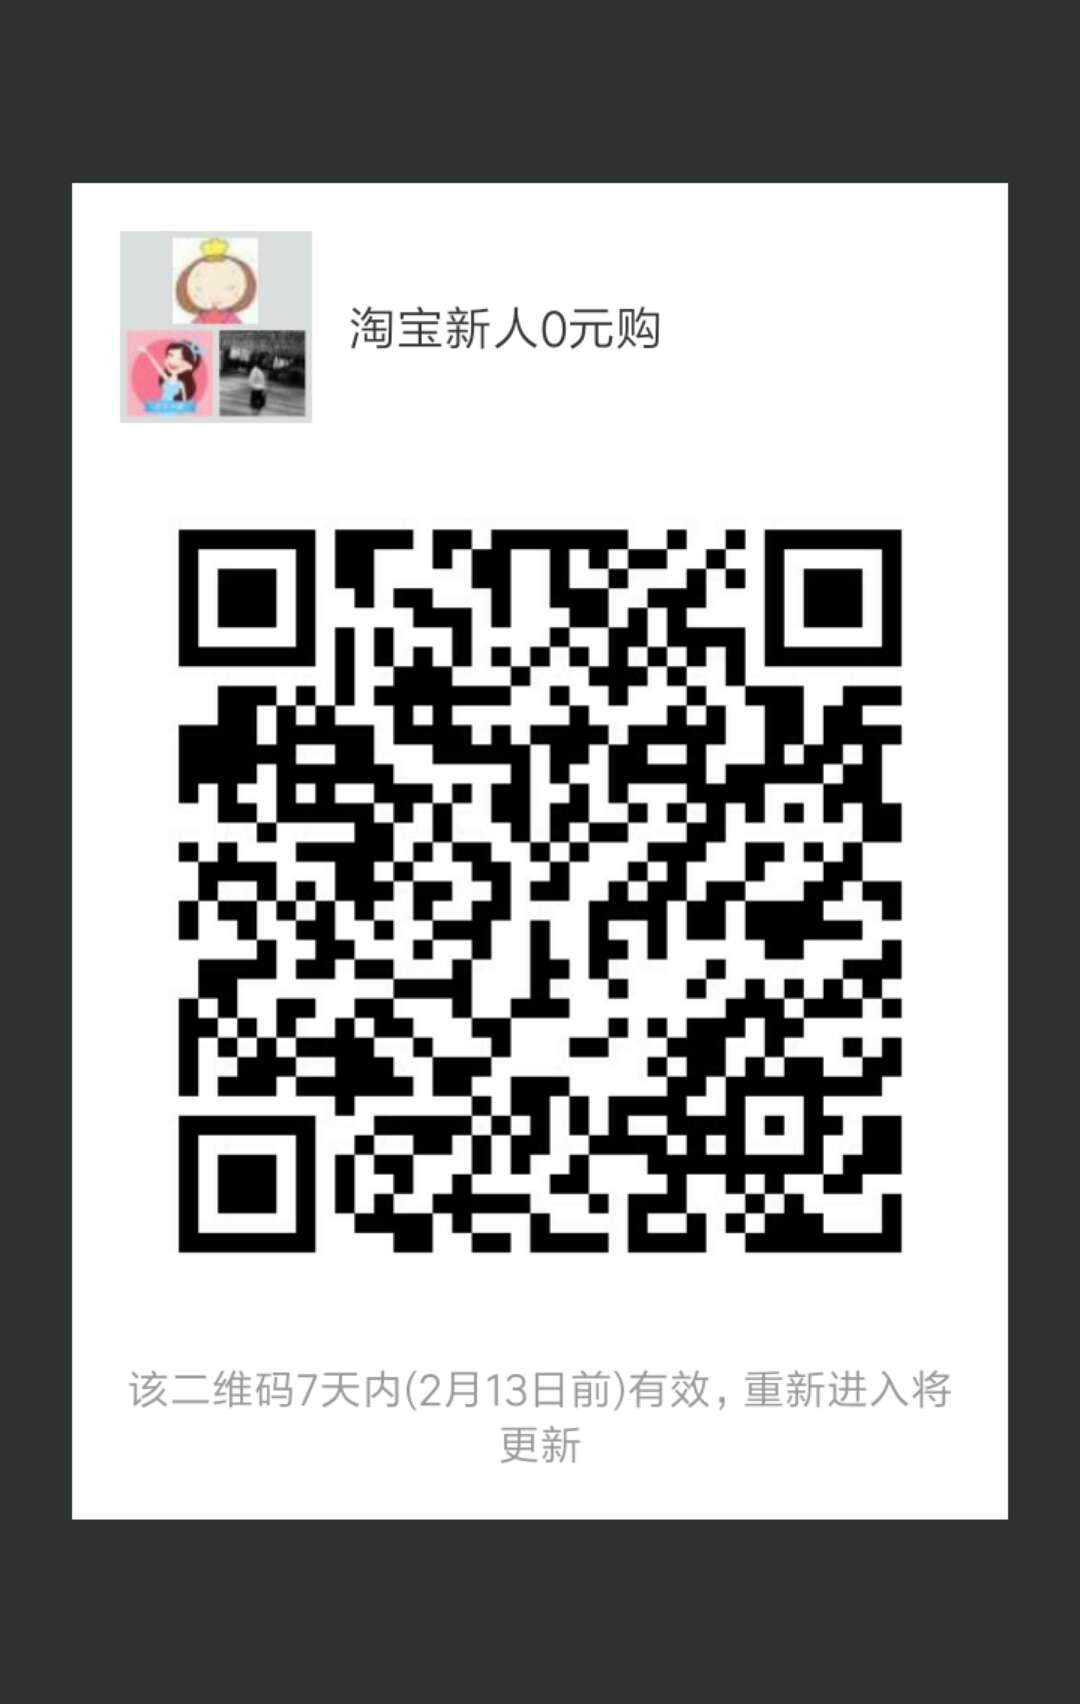 微信图片_20180206165339.jpg